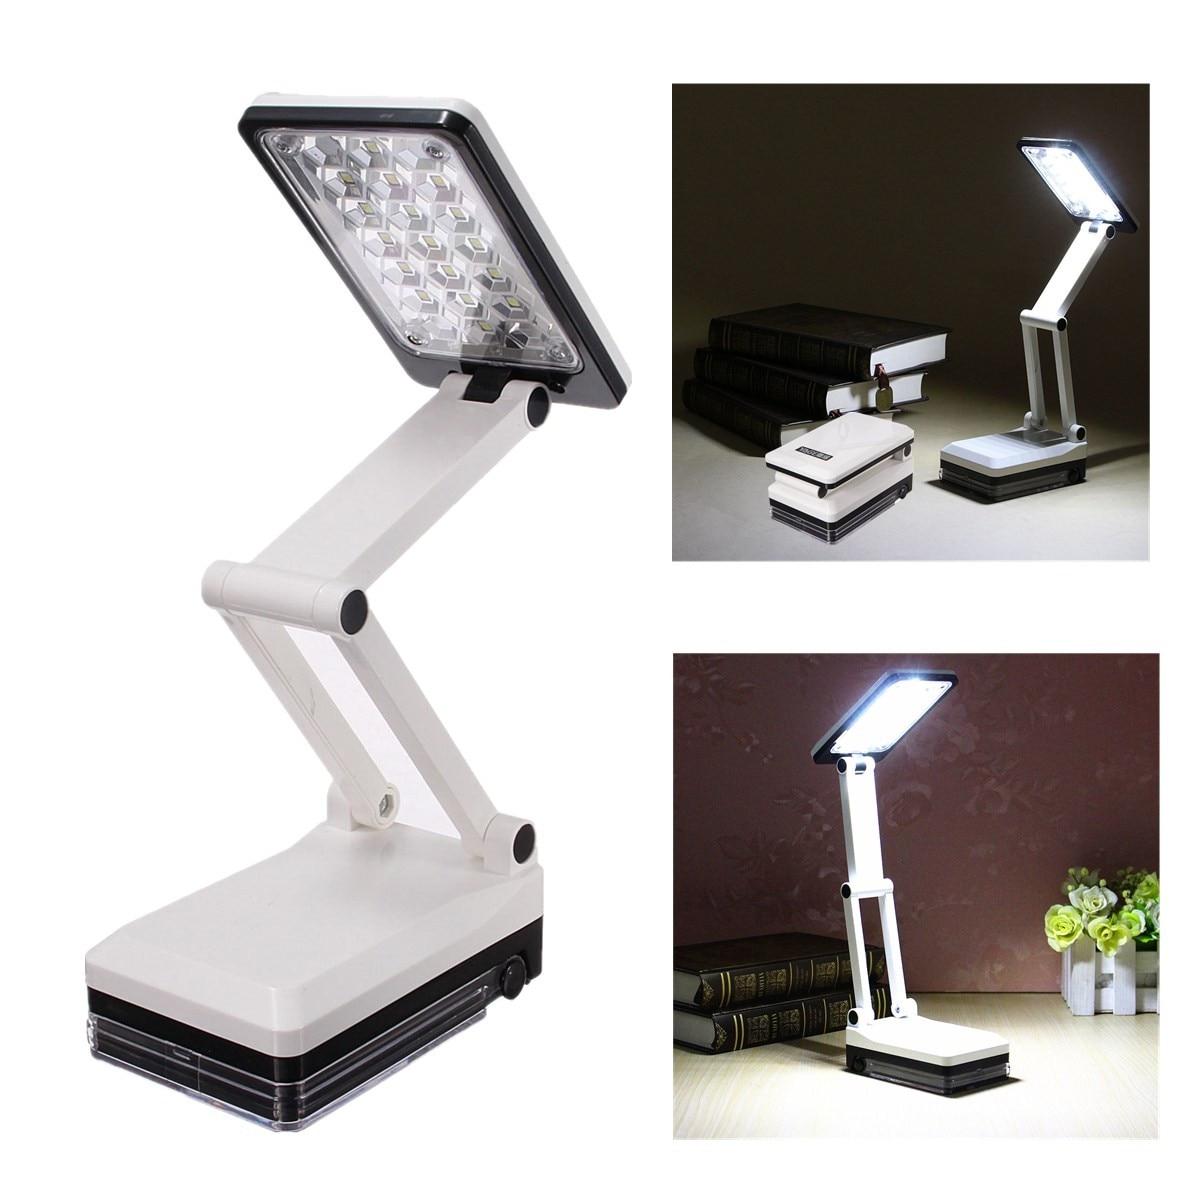 Jiguoor AC 220 V Portable US Plug Alimenté Rechargeable LED Lampe de Bureau Moderne Pliable Sans Fil Gradateur Table de Lecture Lampe Lumière